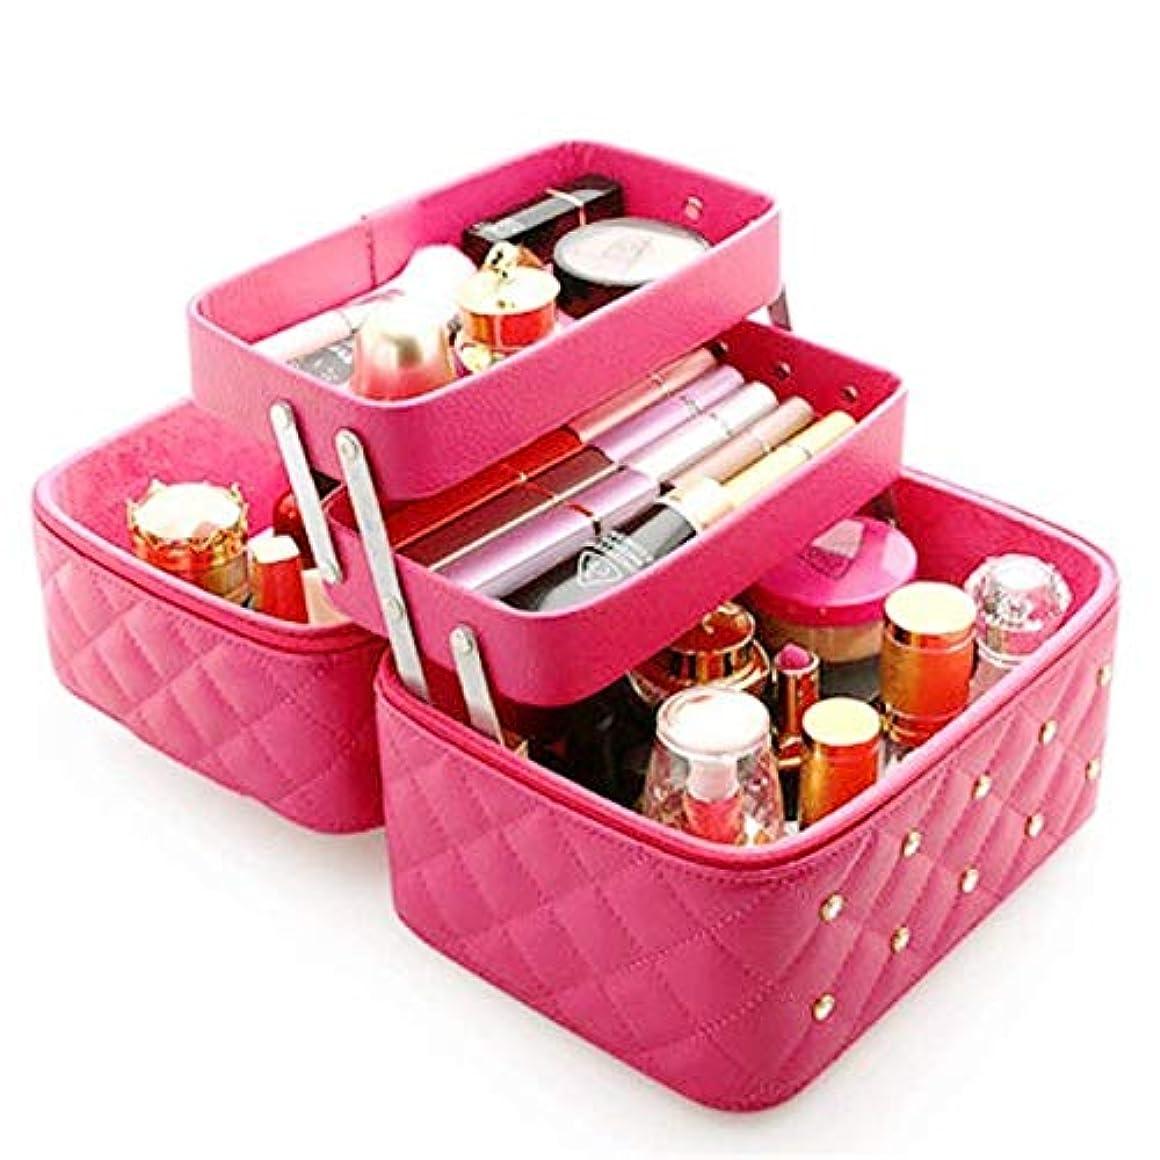 凝縮するアラブサラボうねる持ち運びできる メイクボックス 大容量 取っ手付き コスメボックス 化粧品収納ボックス 収納ケース 小物入れ (ピンク)